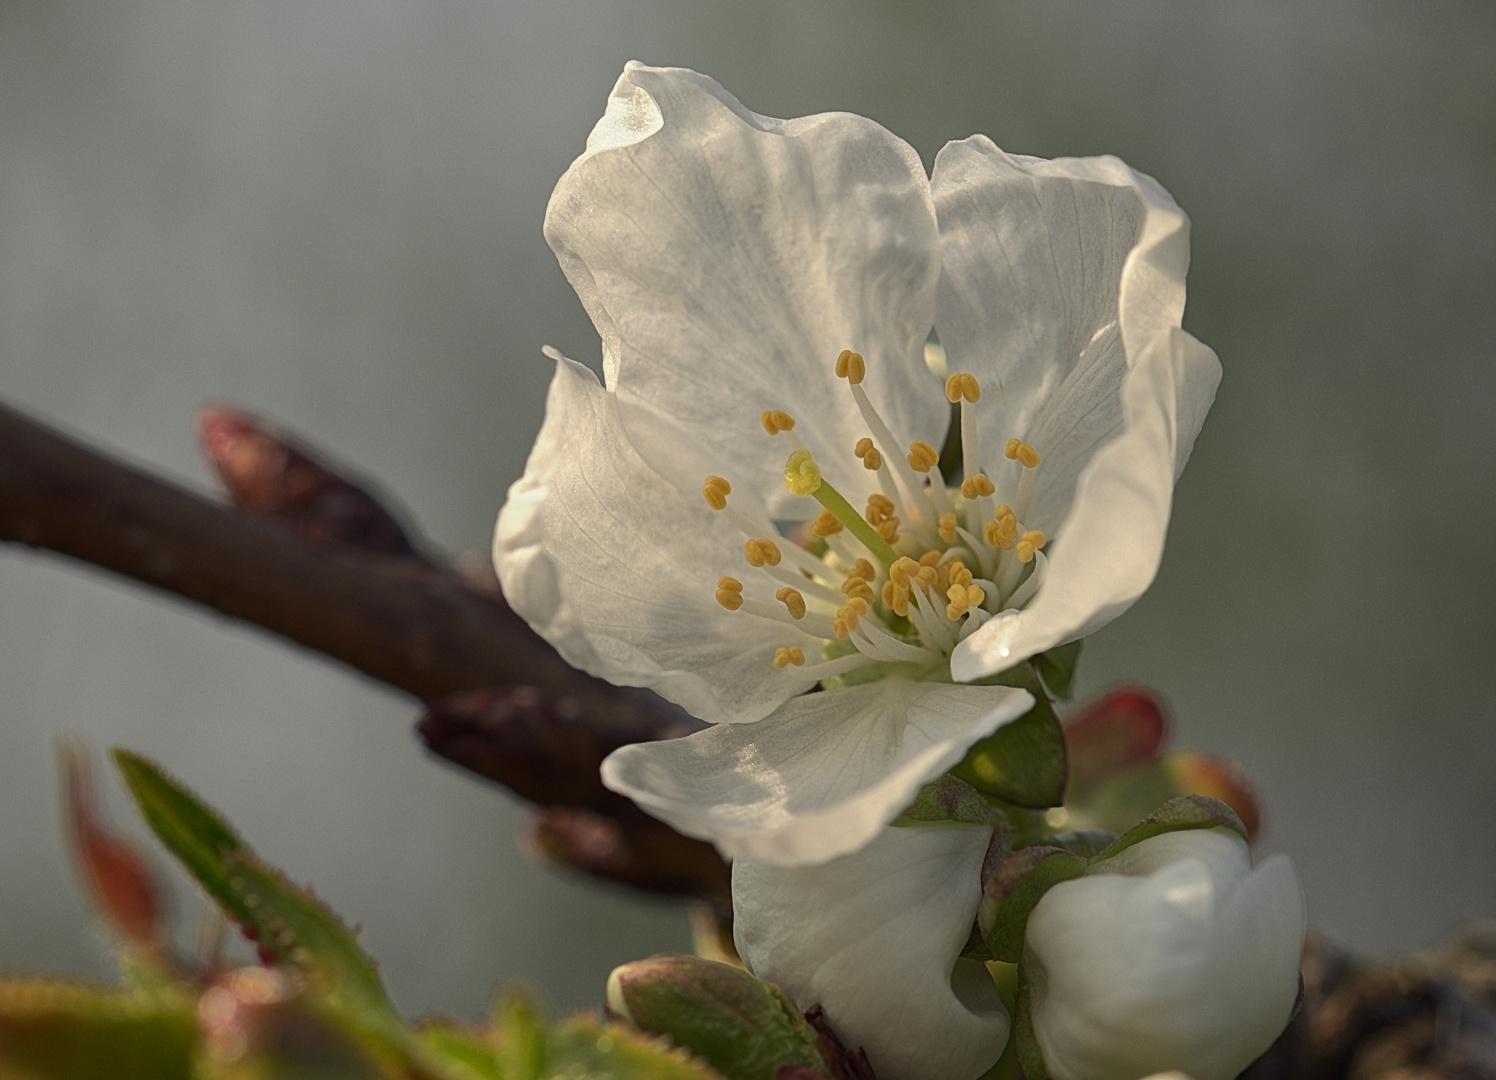 Atemberaubend Süßkirsche Blüte. Foto & Bild | blüme, makro, pflanzen Bilder auf #PE_45